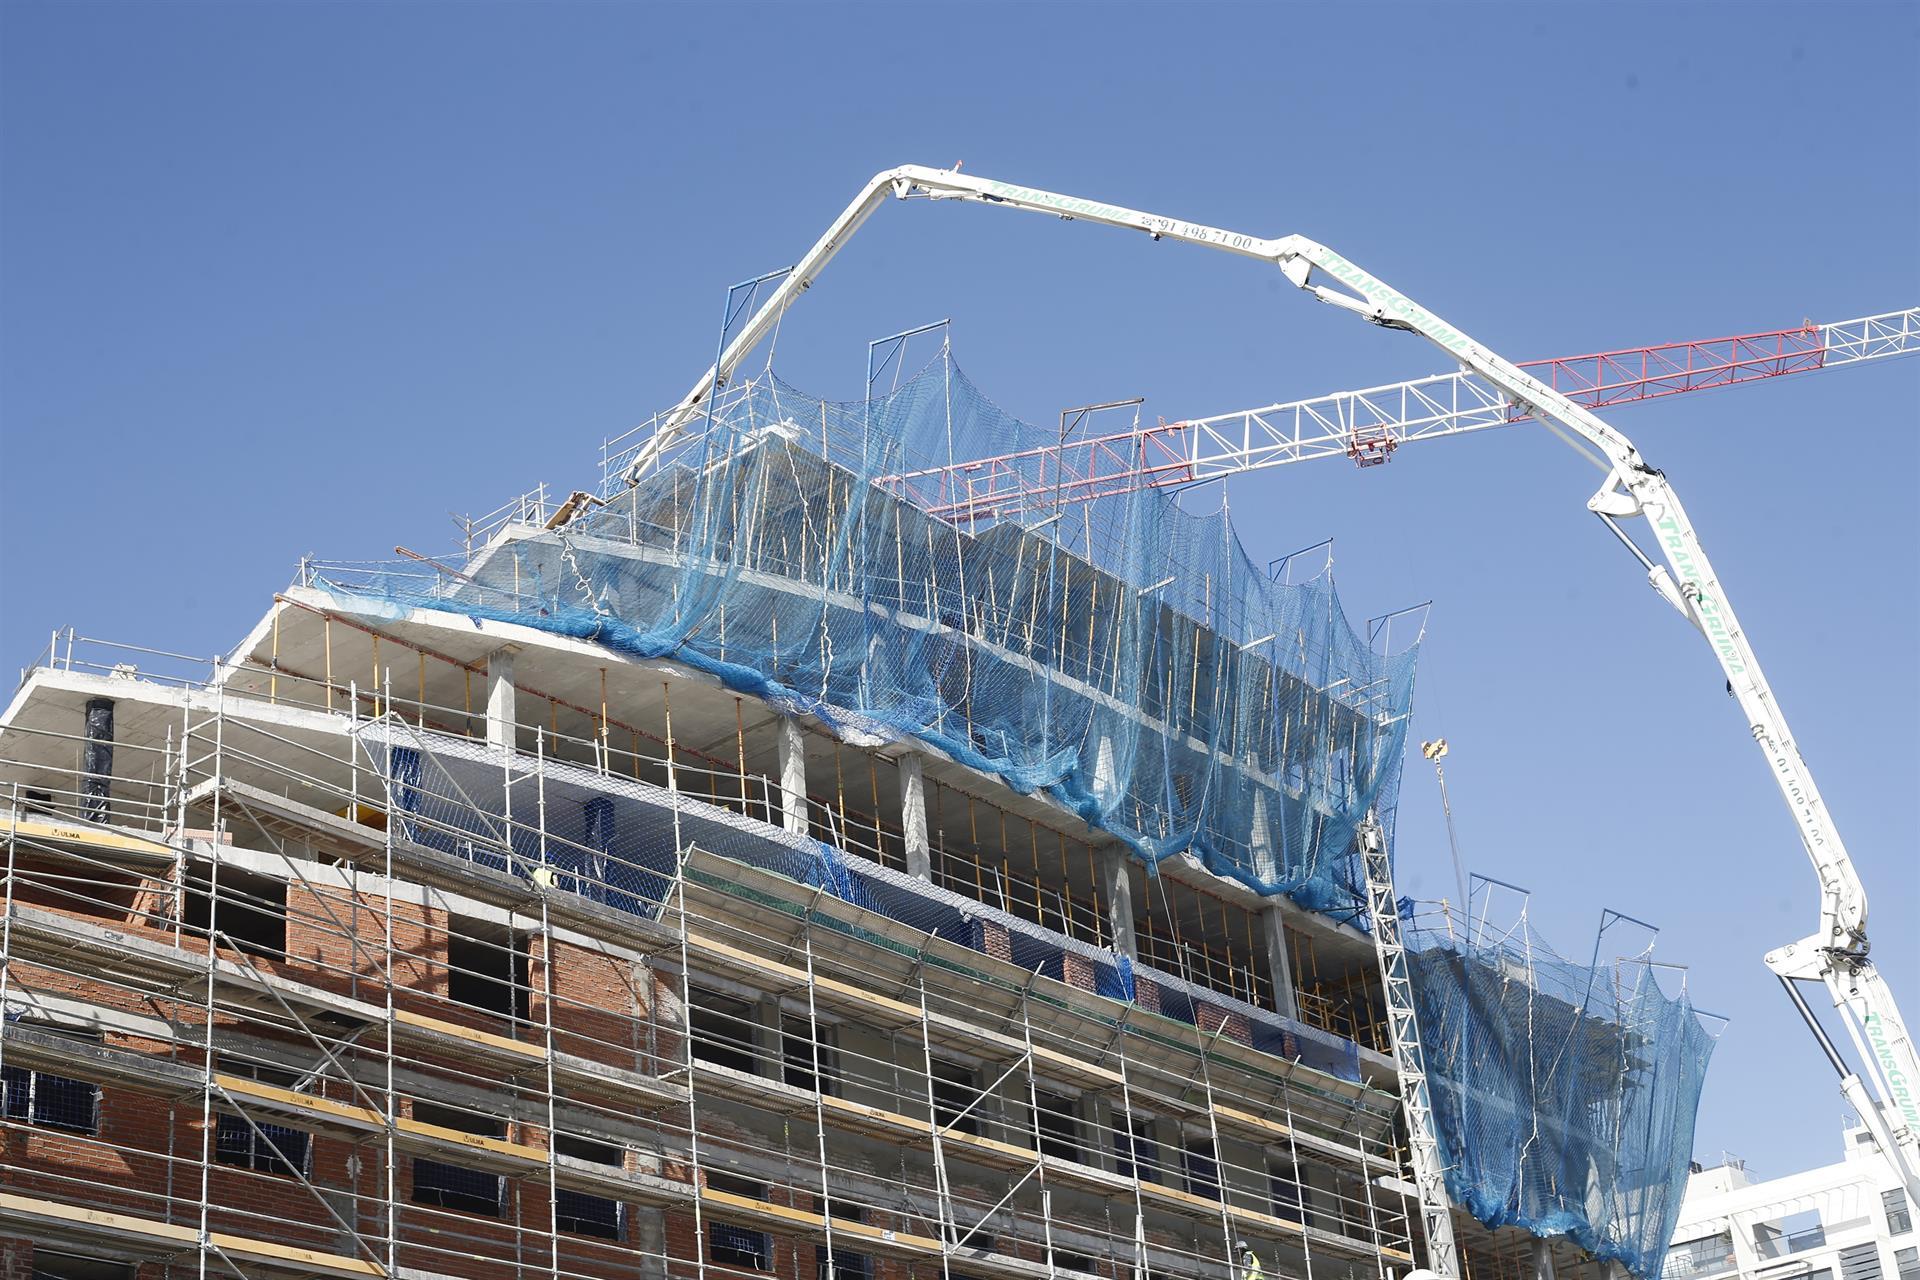 El precio de la vivienda libre sube en Andalucía un 0,7% en el primer trimestre del año